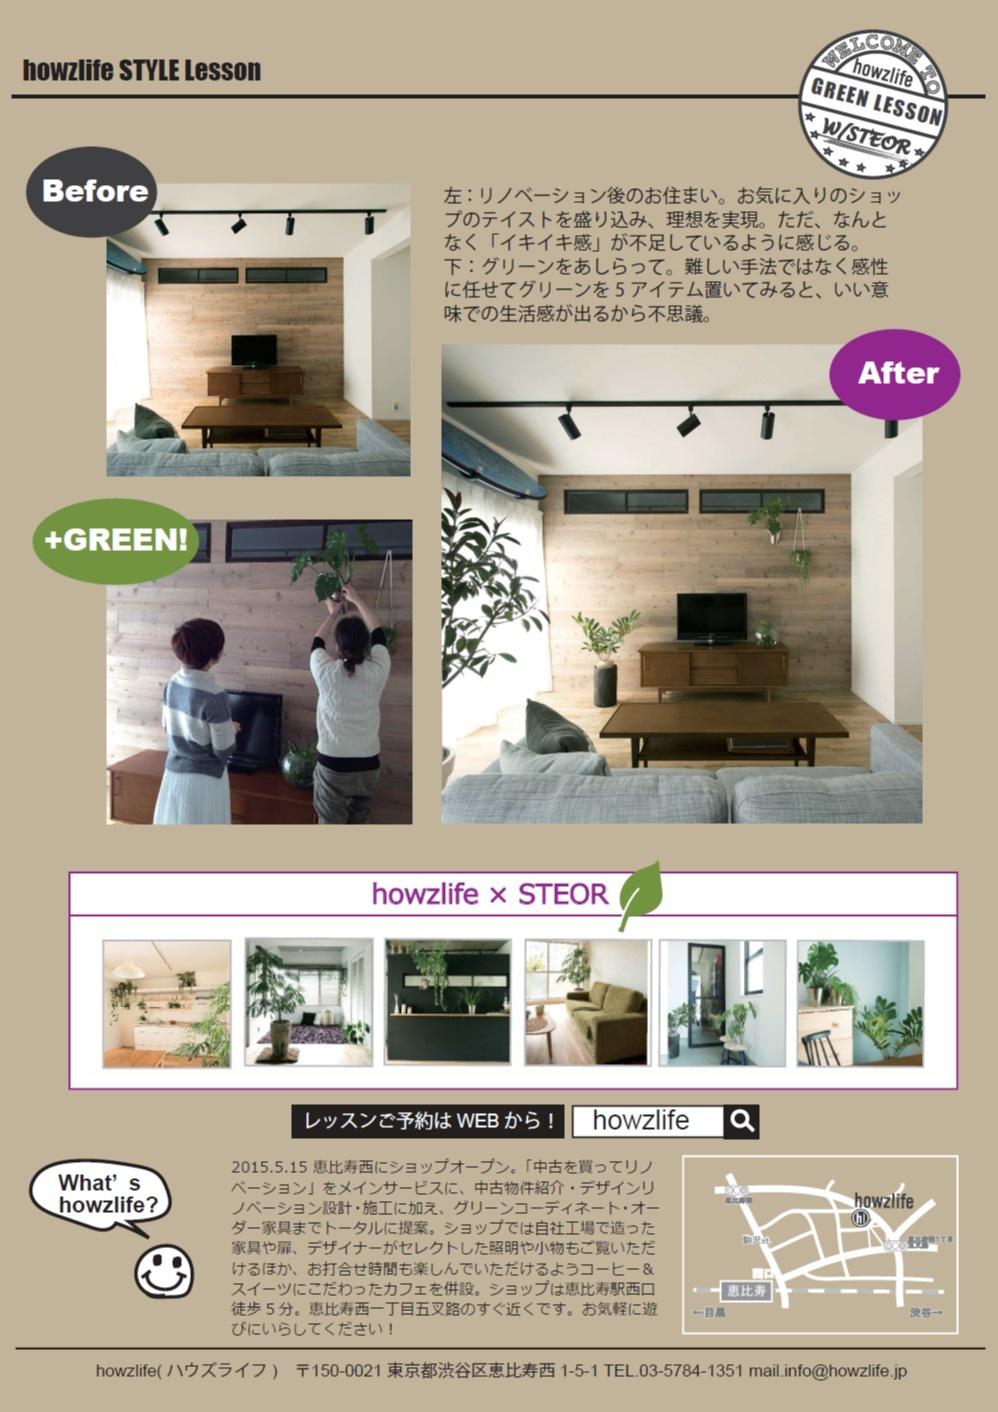 GREEN LESSON 7月よりスタート! チラシ①